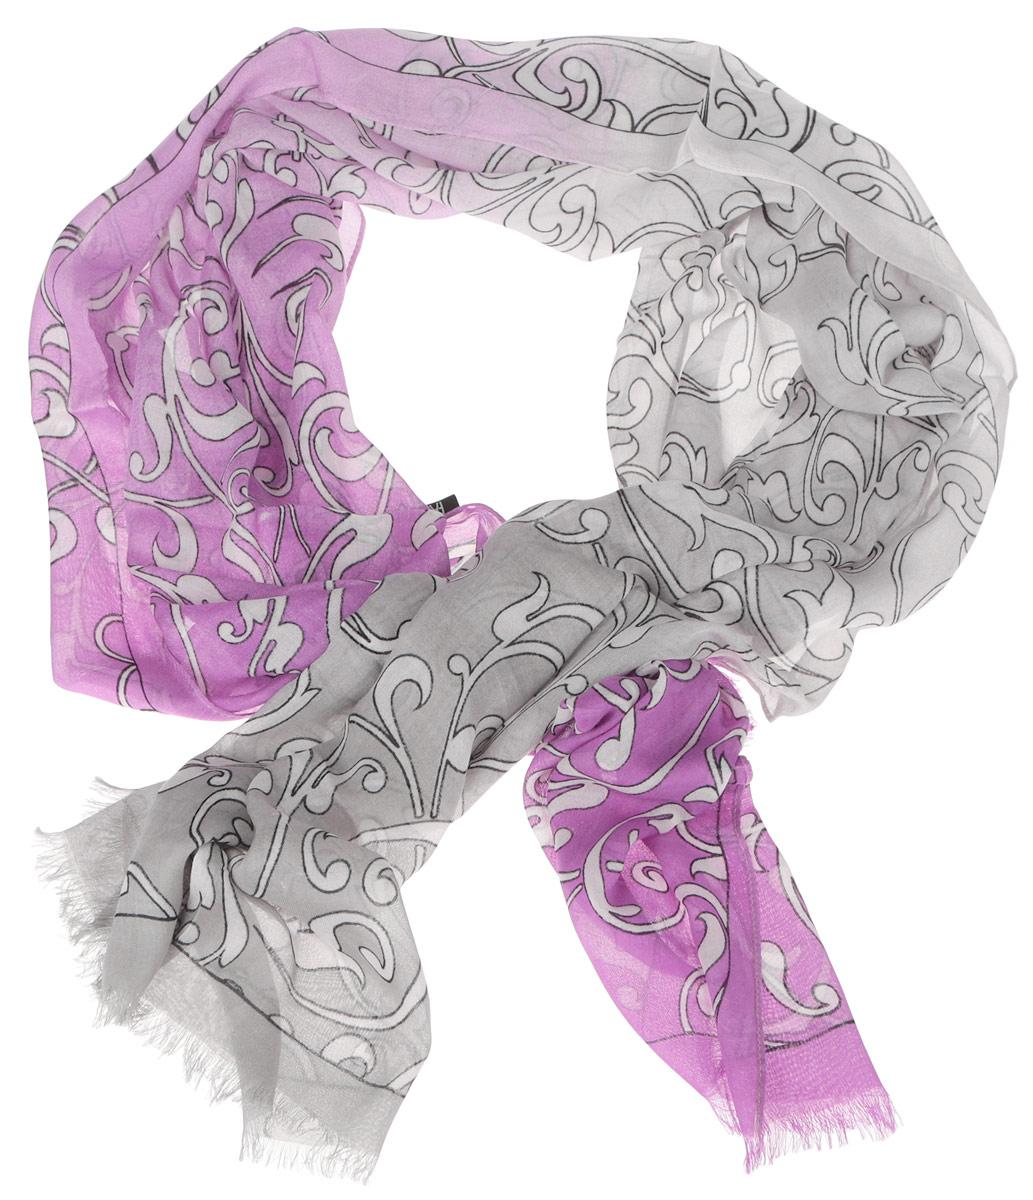 Шарф женский Fabretti, цвет: серый, лиловый. DS2015-002-6. Размер 184 см х 70 смDS2015-002-6Женский шарф Fabretti позволит вам создать неповторимый и запоминающийся образ. Изготовленный из высококачественных материалов, он очень легкий, мягкий, имеет приятную на ощупь текстуру. Модель оформлена изысканным узором, украшена по краям короткими кисточками. Такой аксессуар станет стильным дополнением к гардеробу современной женщины, стремящейся всегда оставаться яркой и элегантной.